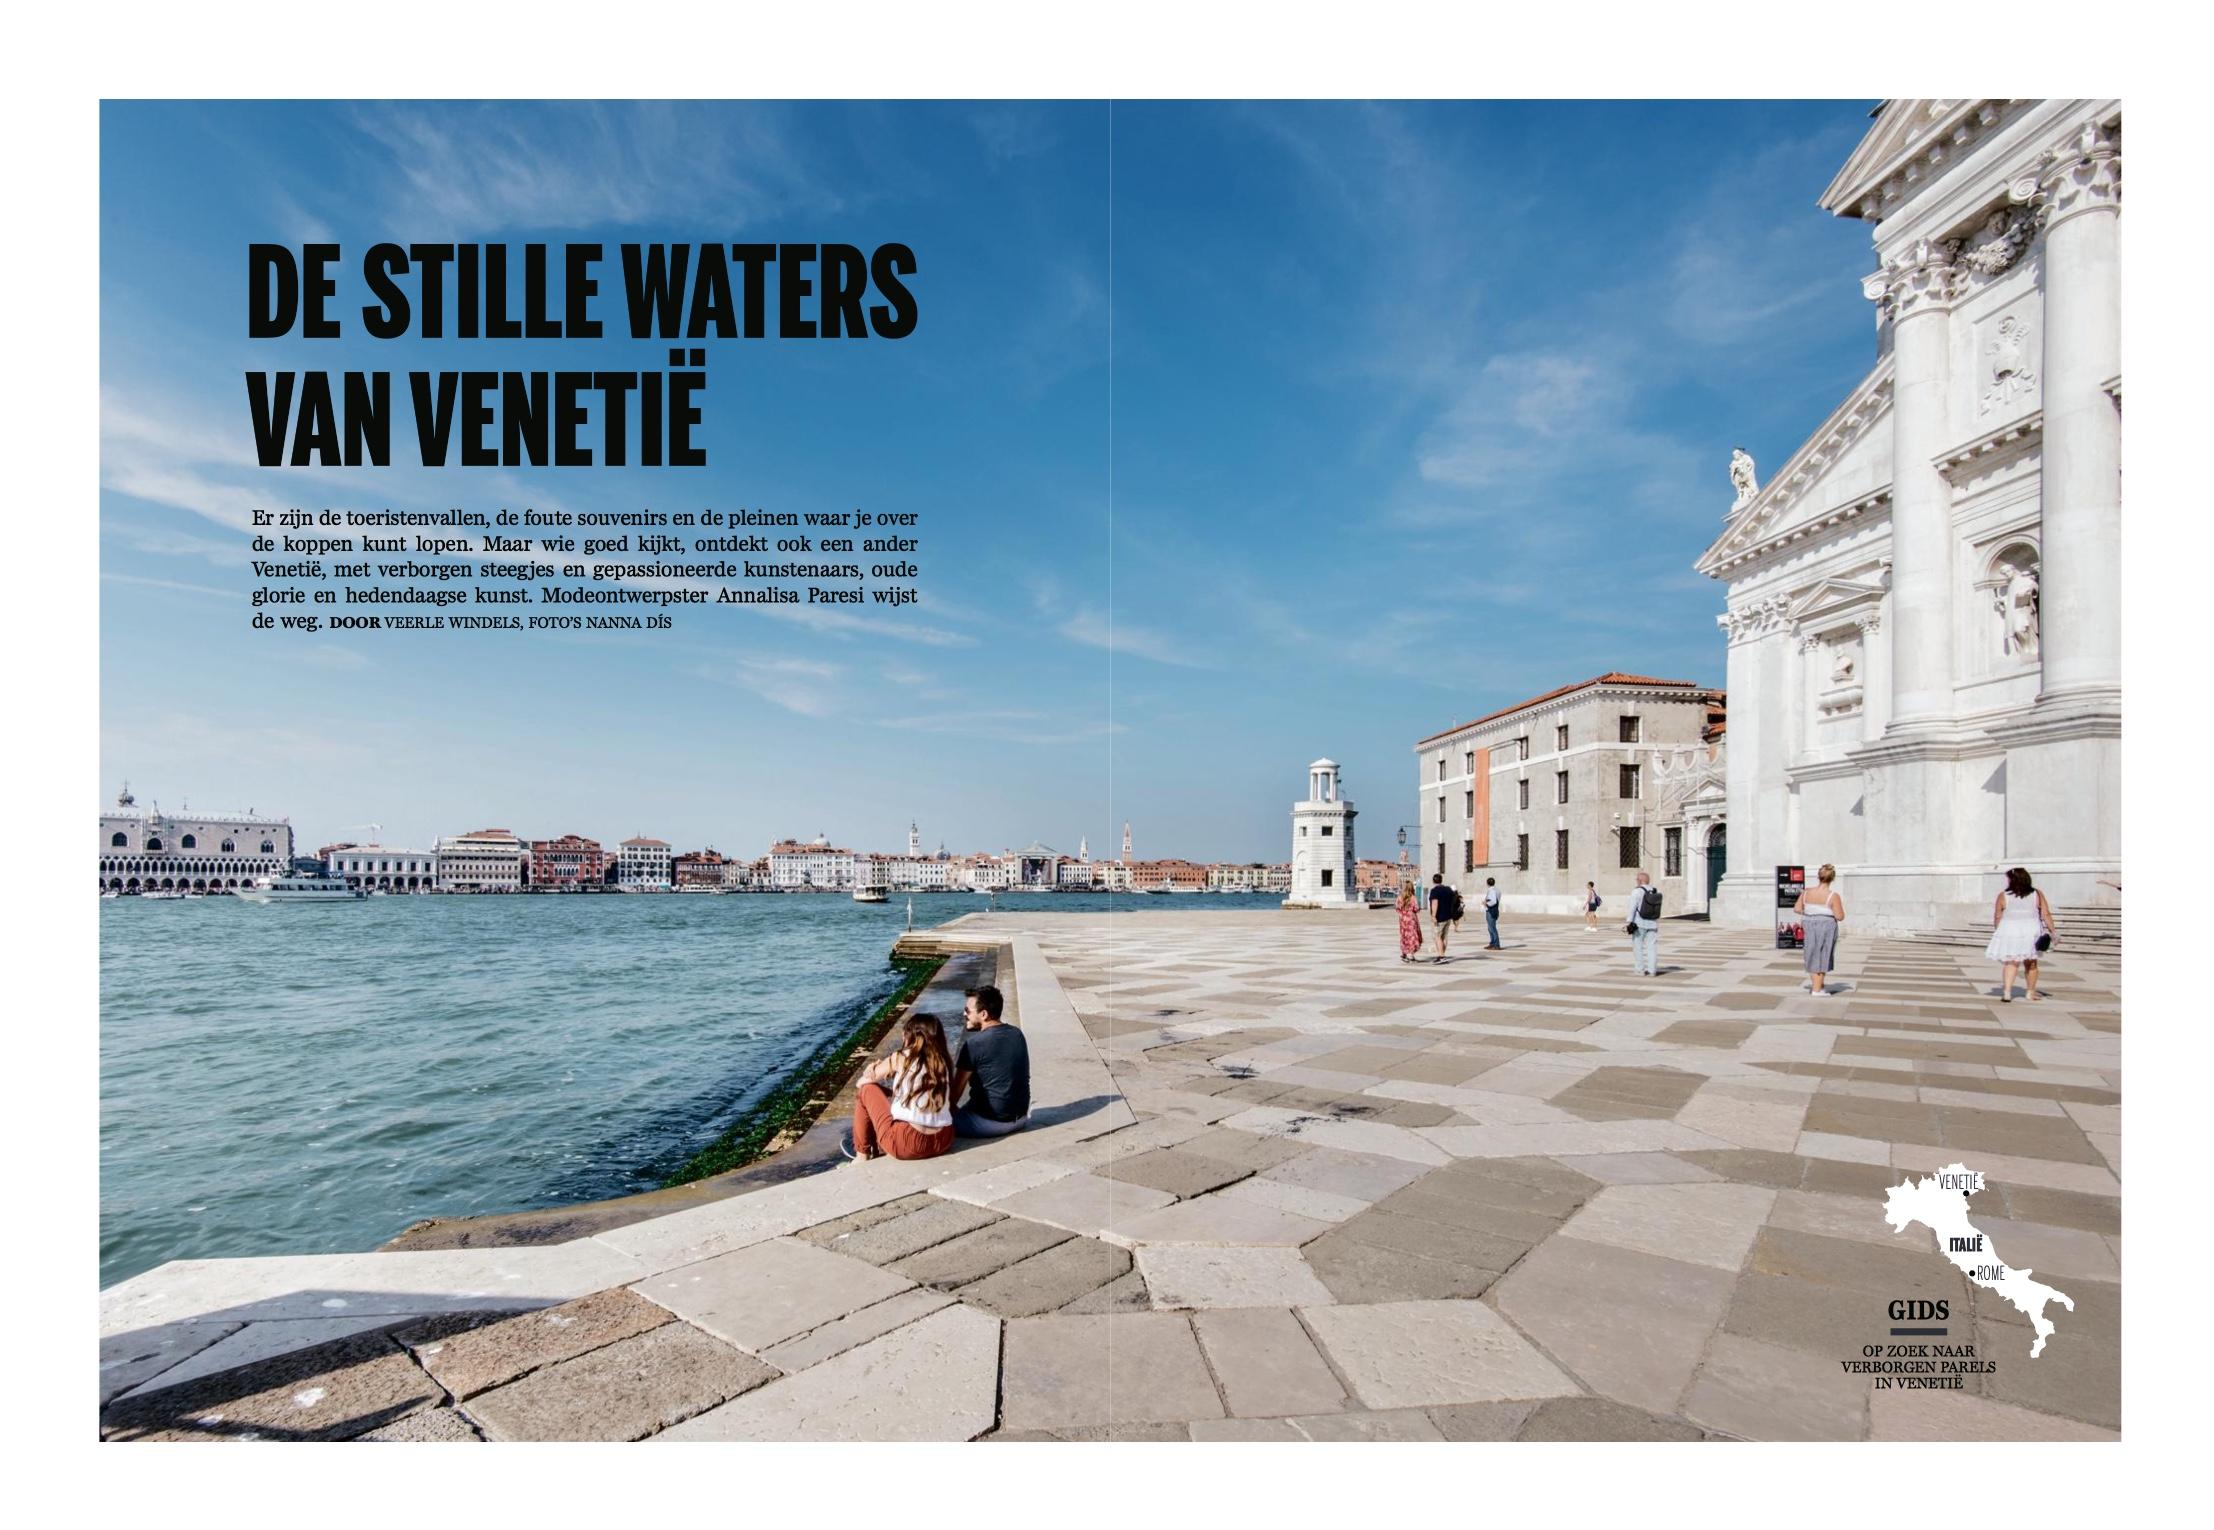 De Standaard MODE_travel Venice_c Nanna Dis 2017 (1).jpeg